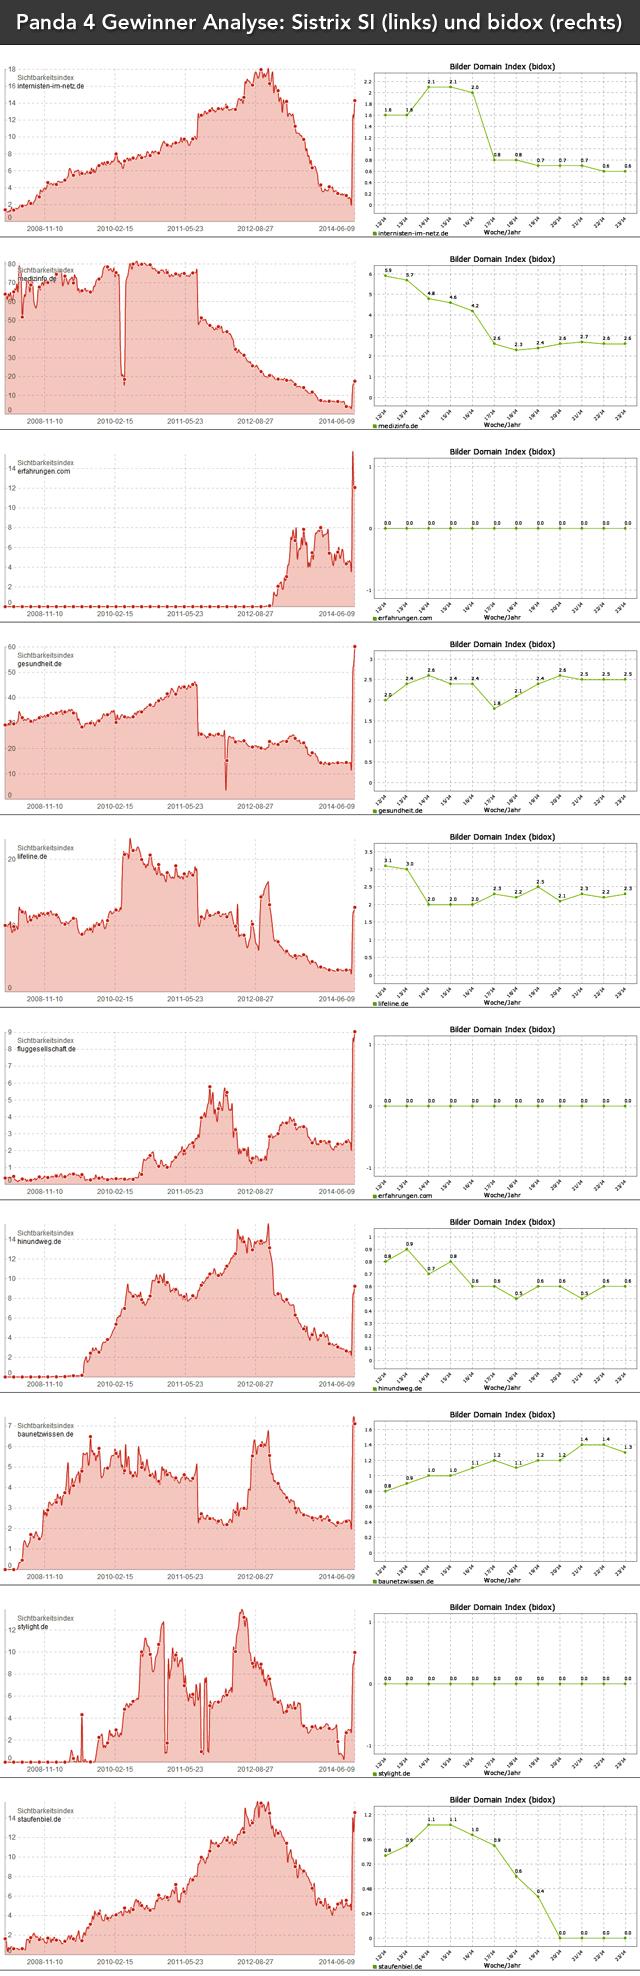 Panda 4 Analyse der Gewinner: Sichtbarkeit im Vergleich